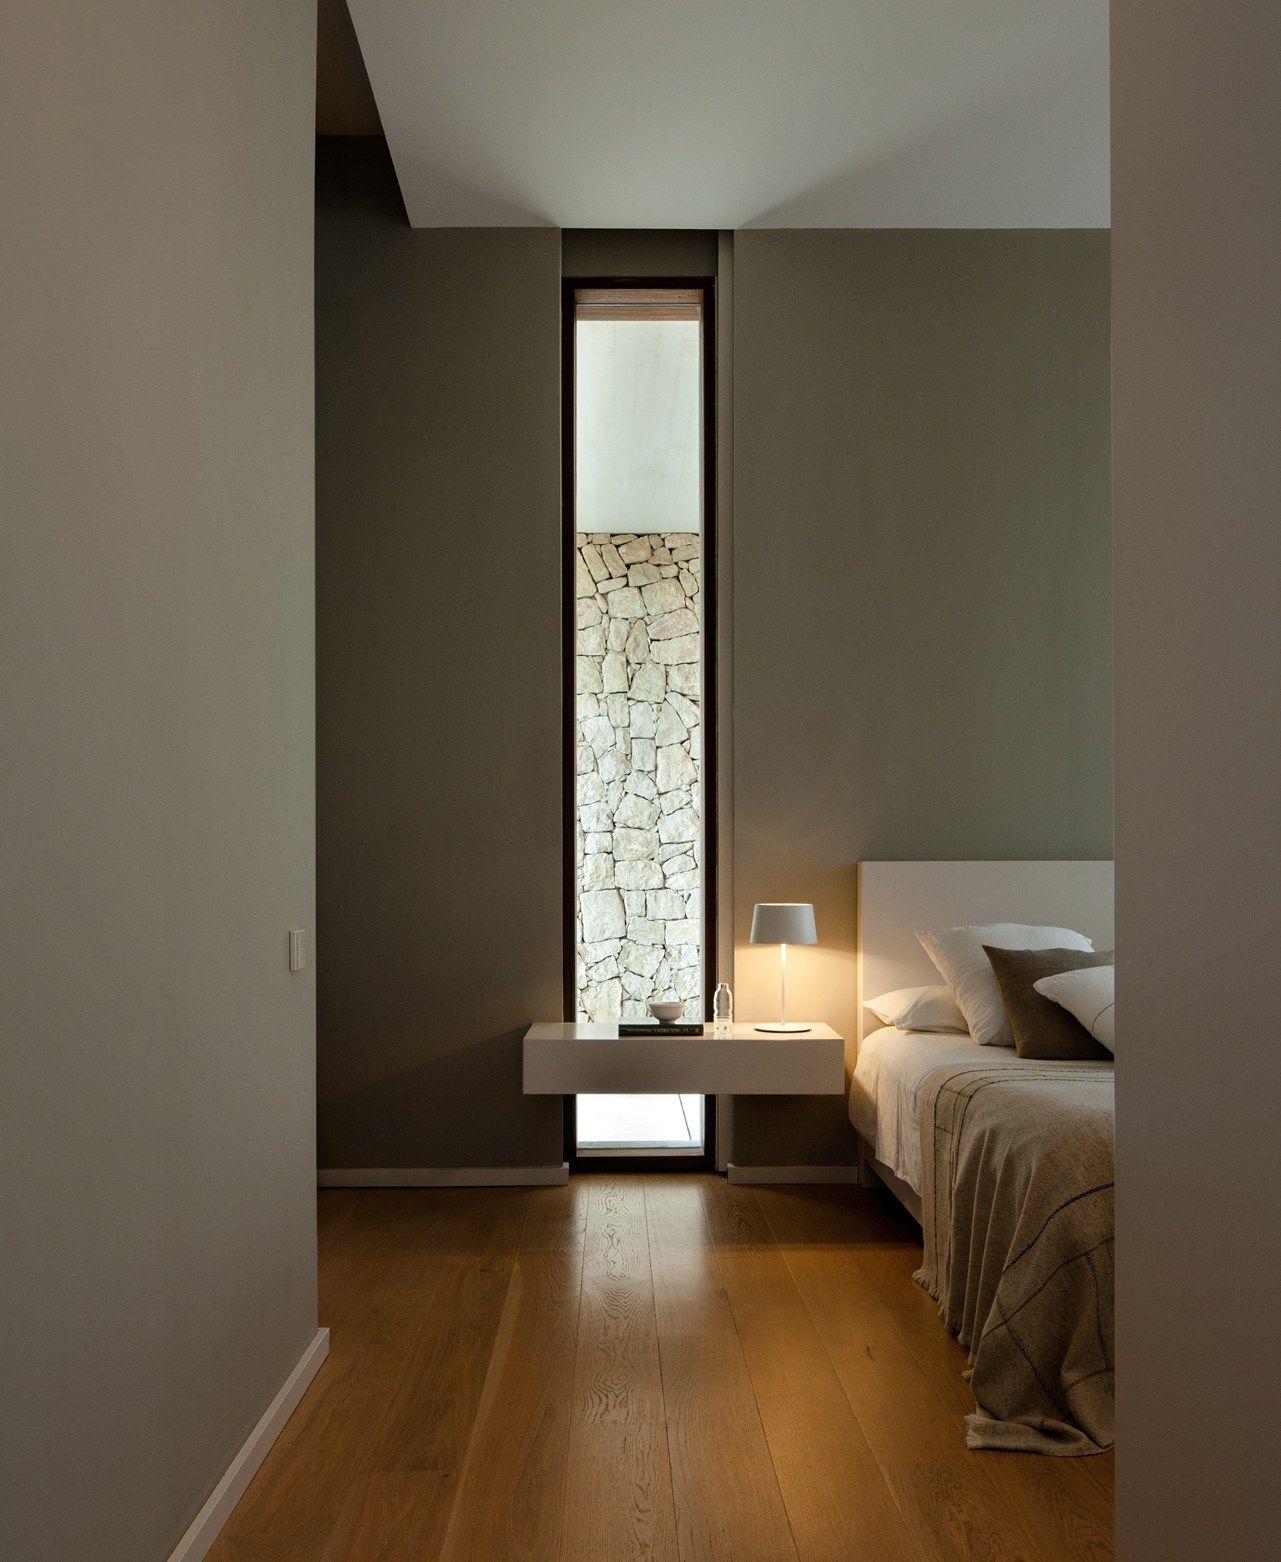 Illuminare la camera da letto la giusta atmosfera con le lampade vibia interiors bedrooms - Illuminare la camera da letto ...